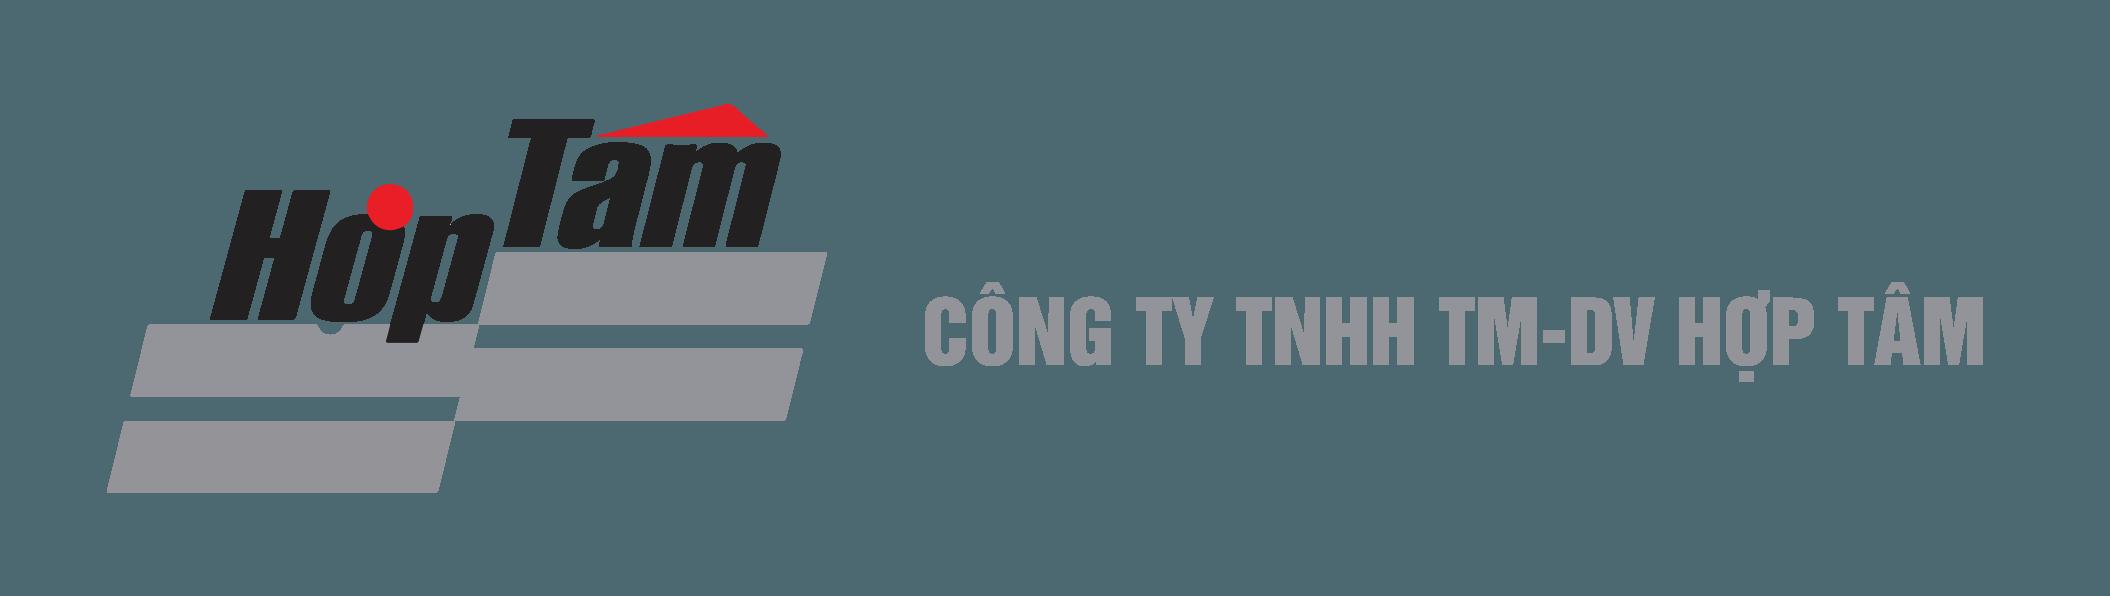 Hợp Tâm | Since 2008